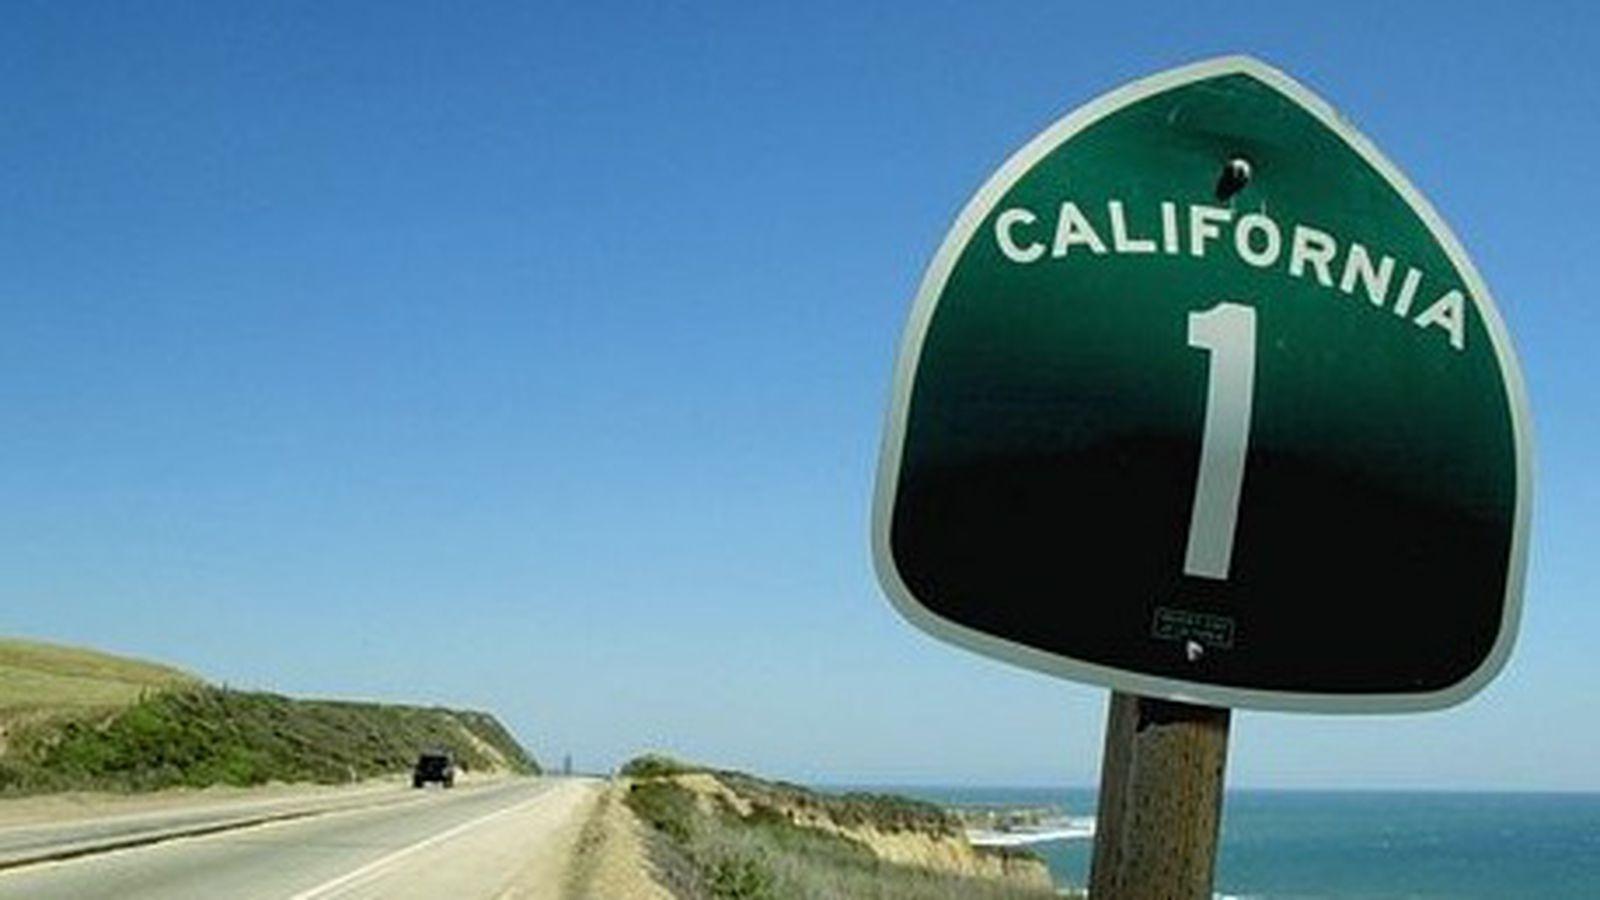 Член Ассамблеи штата Калифорния разработал законопроект о признании блокчейн